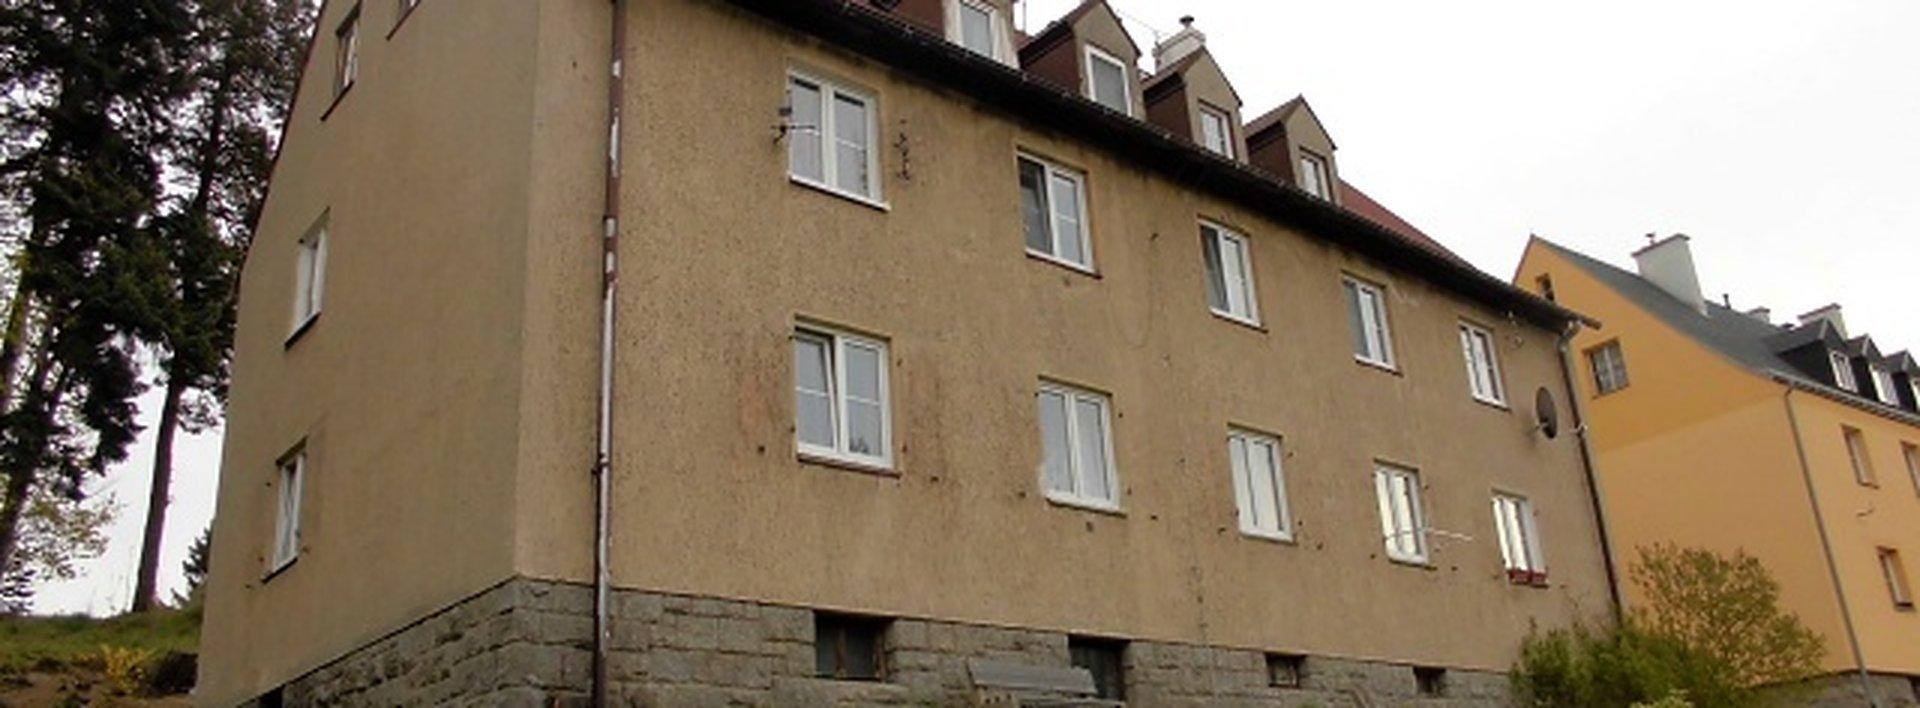 Světlý byt 2+kk v cihlovém domě, klidná lokalita v přírodě, Ev.č.: N46706